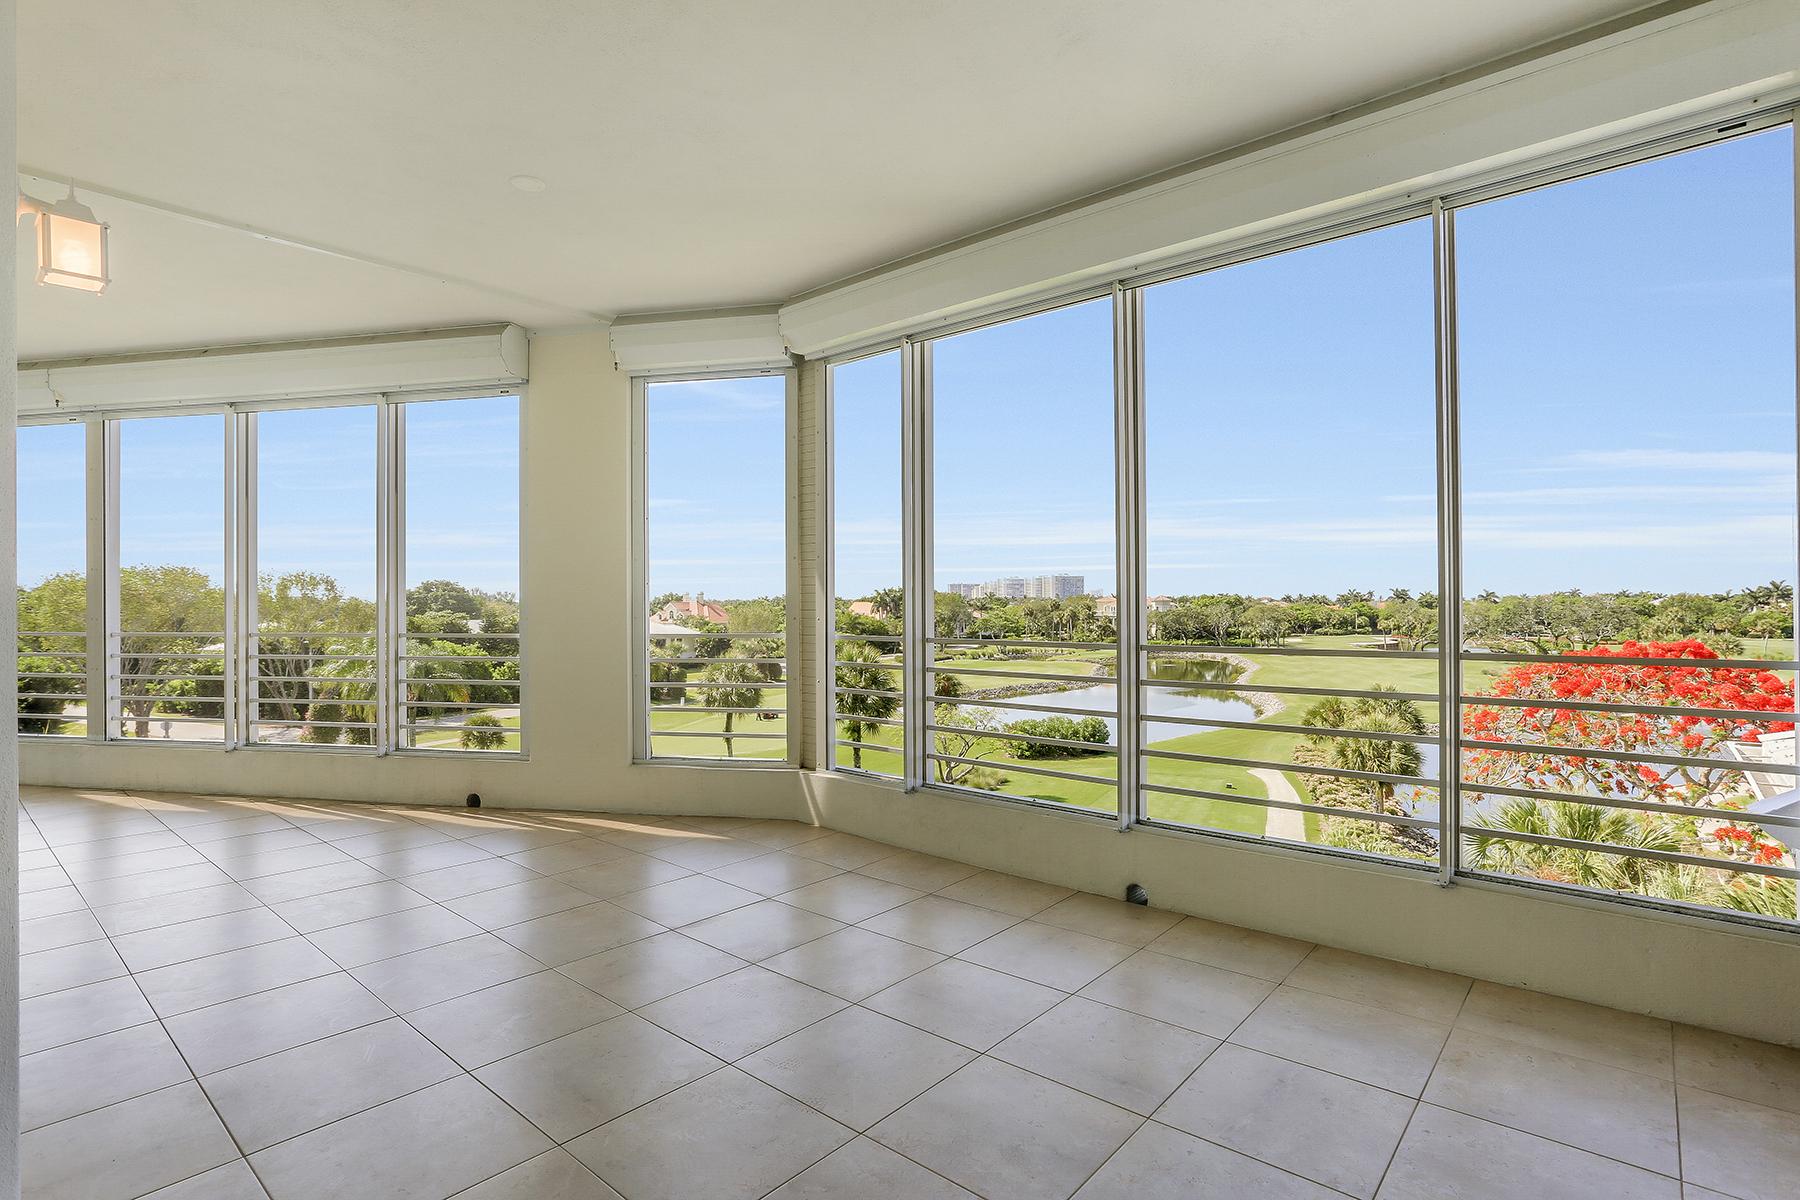 共管式独立产权公寓 为 销售 在 HIDEAWAY - THE HABITAT 812 Hideaway Cir E 133 马可岛, 佛罗里达州, 34145 美国